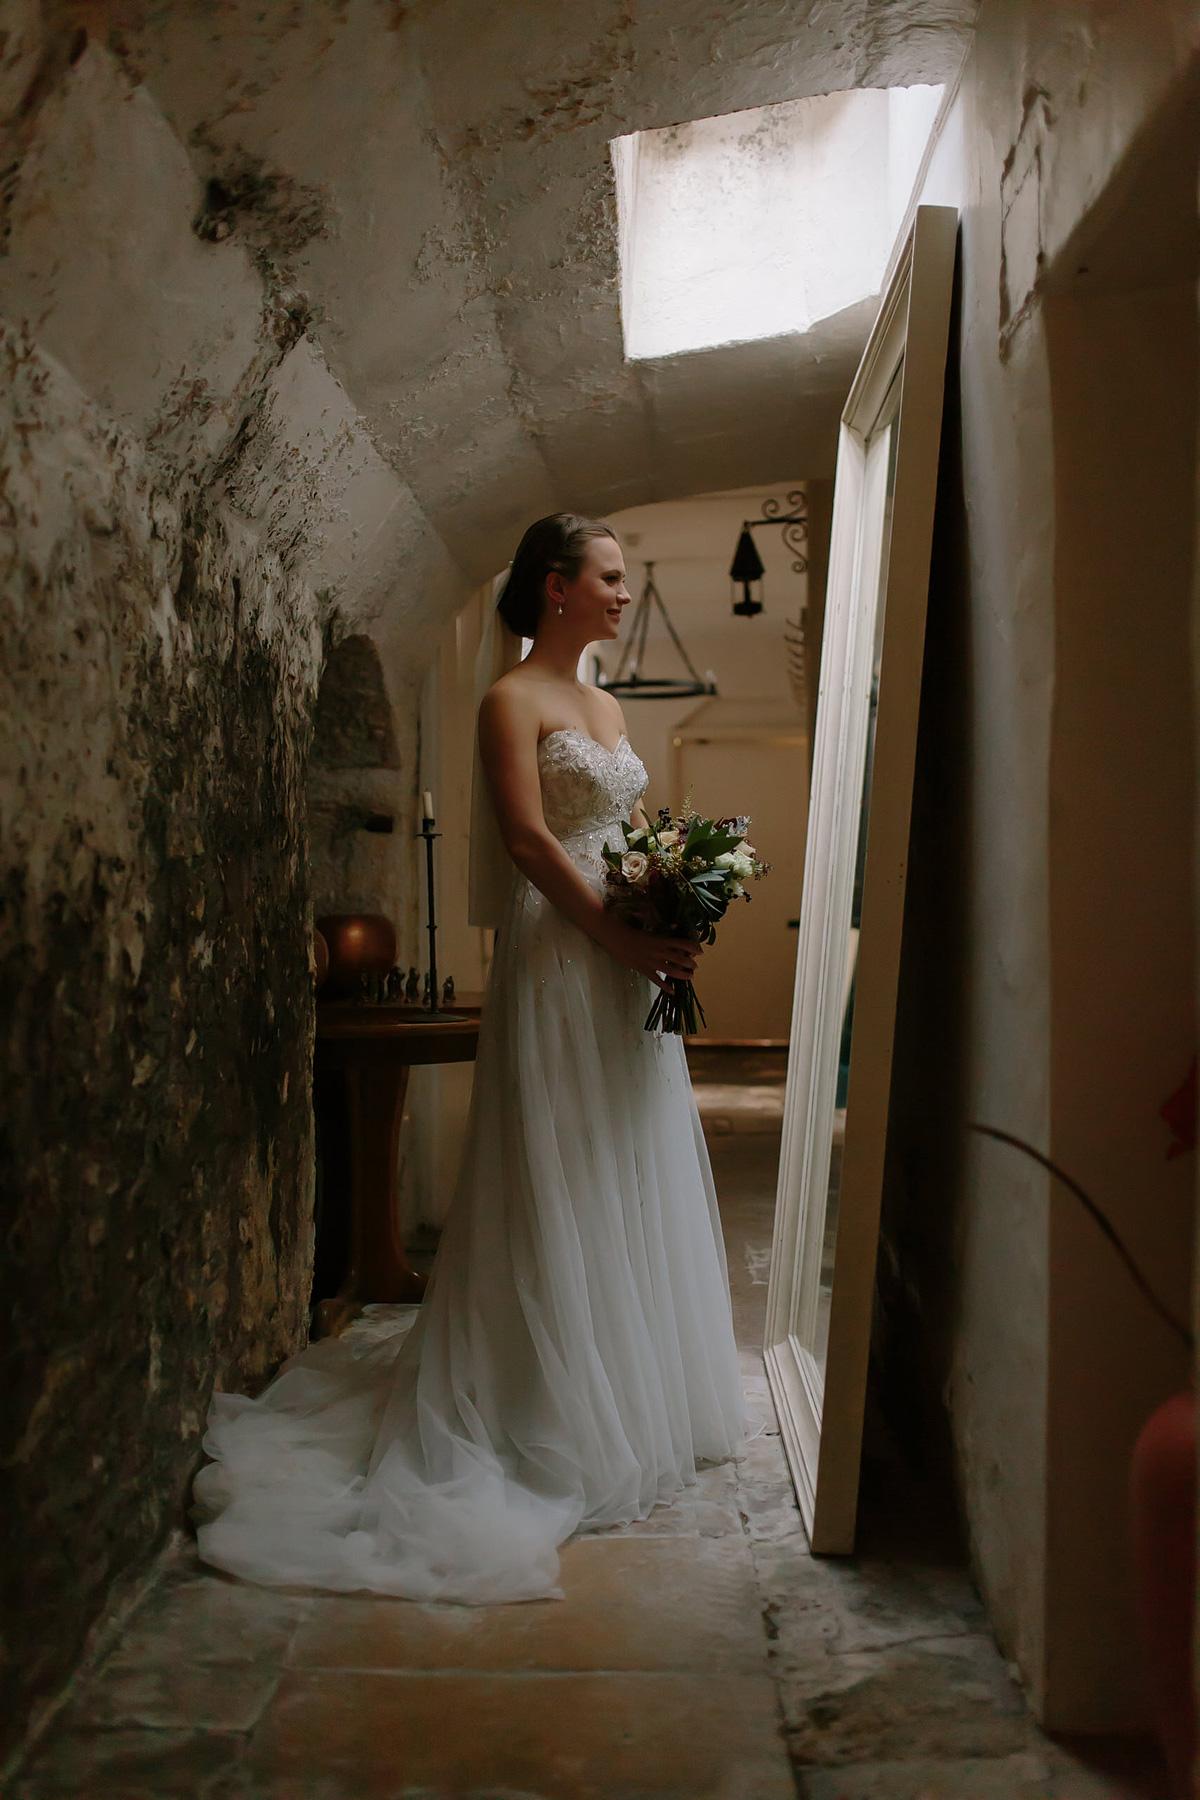 028-somerset-wedding-photographer-matt-bowen-at-the-retreat.jpg